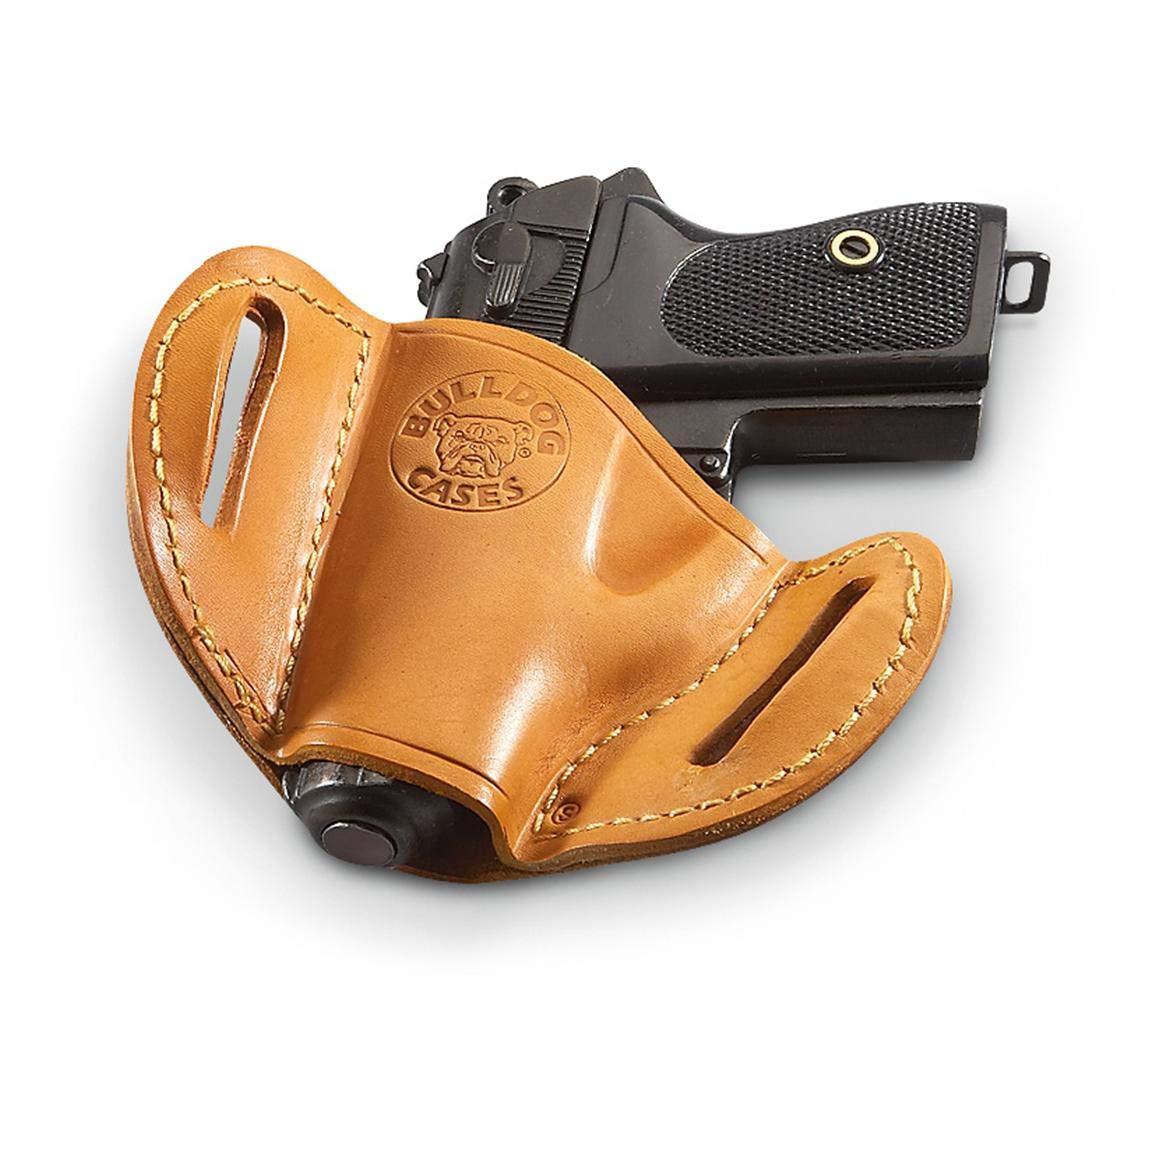 Bulldog Large right hand tan molded leather belt slide holster